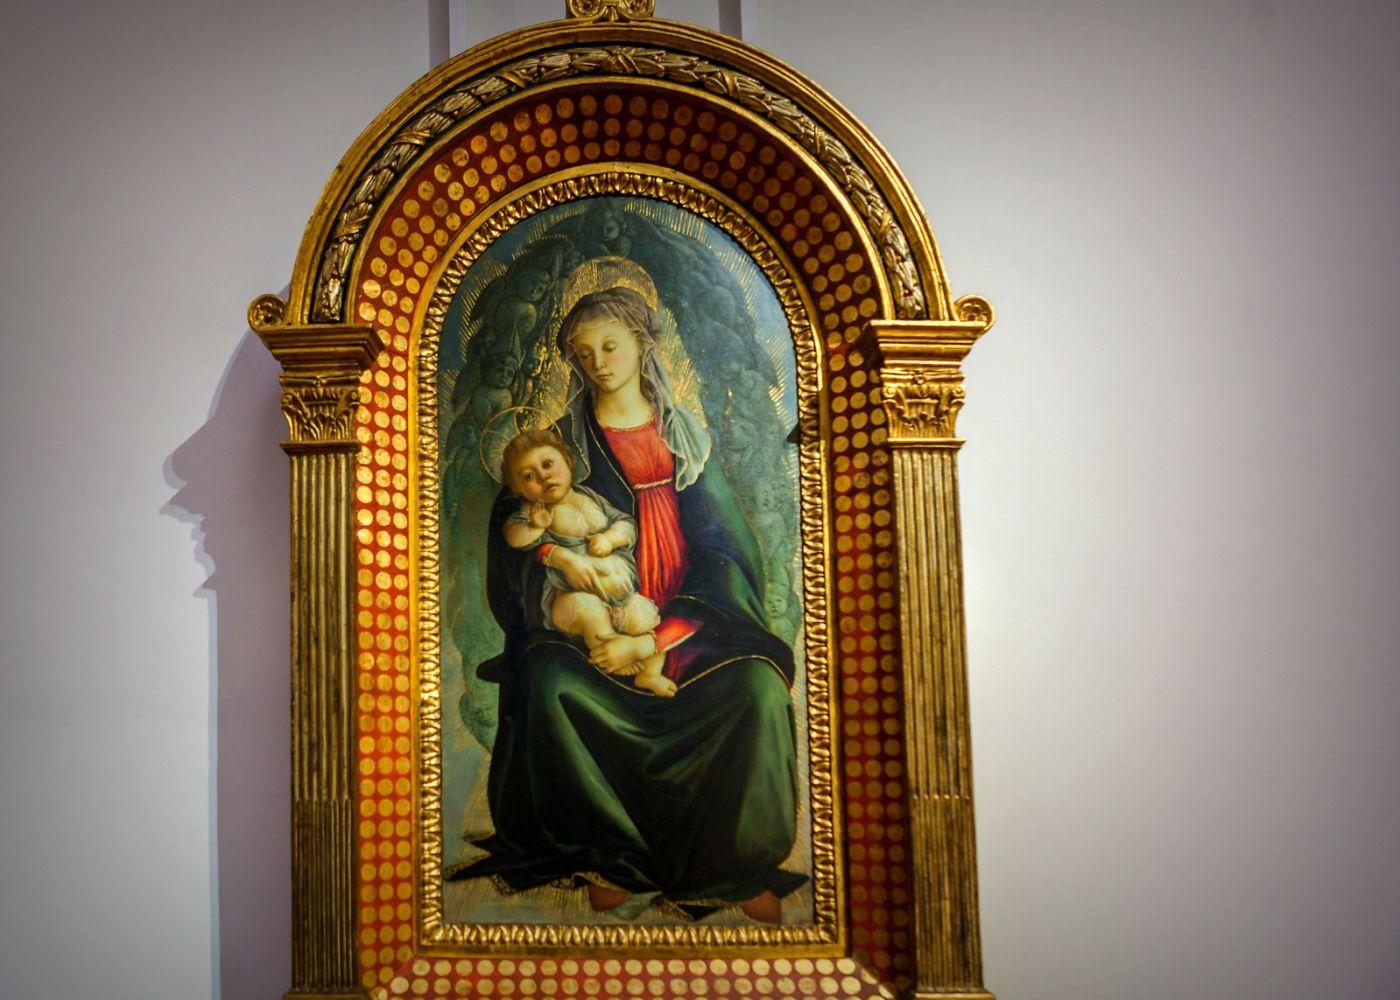 意大利佛罗伦斯乌菲兹美术馆, 目睹藏品_图1-35